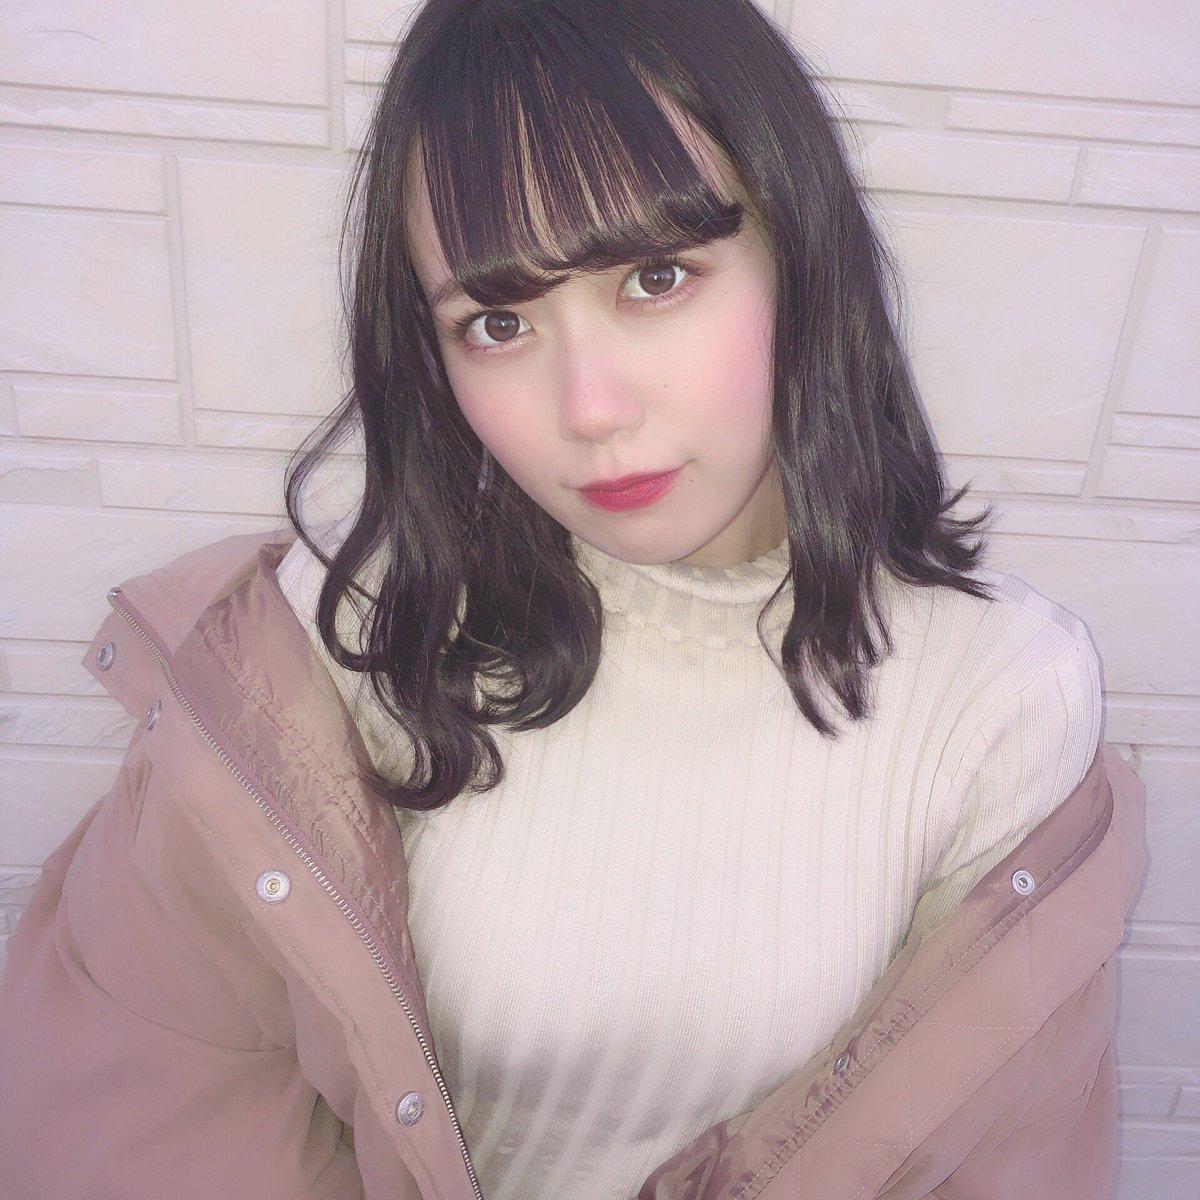 【画像13枚】チーム8の服部有菜さんの胸元グラビアオフショット!!